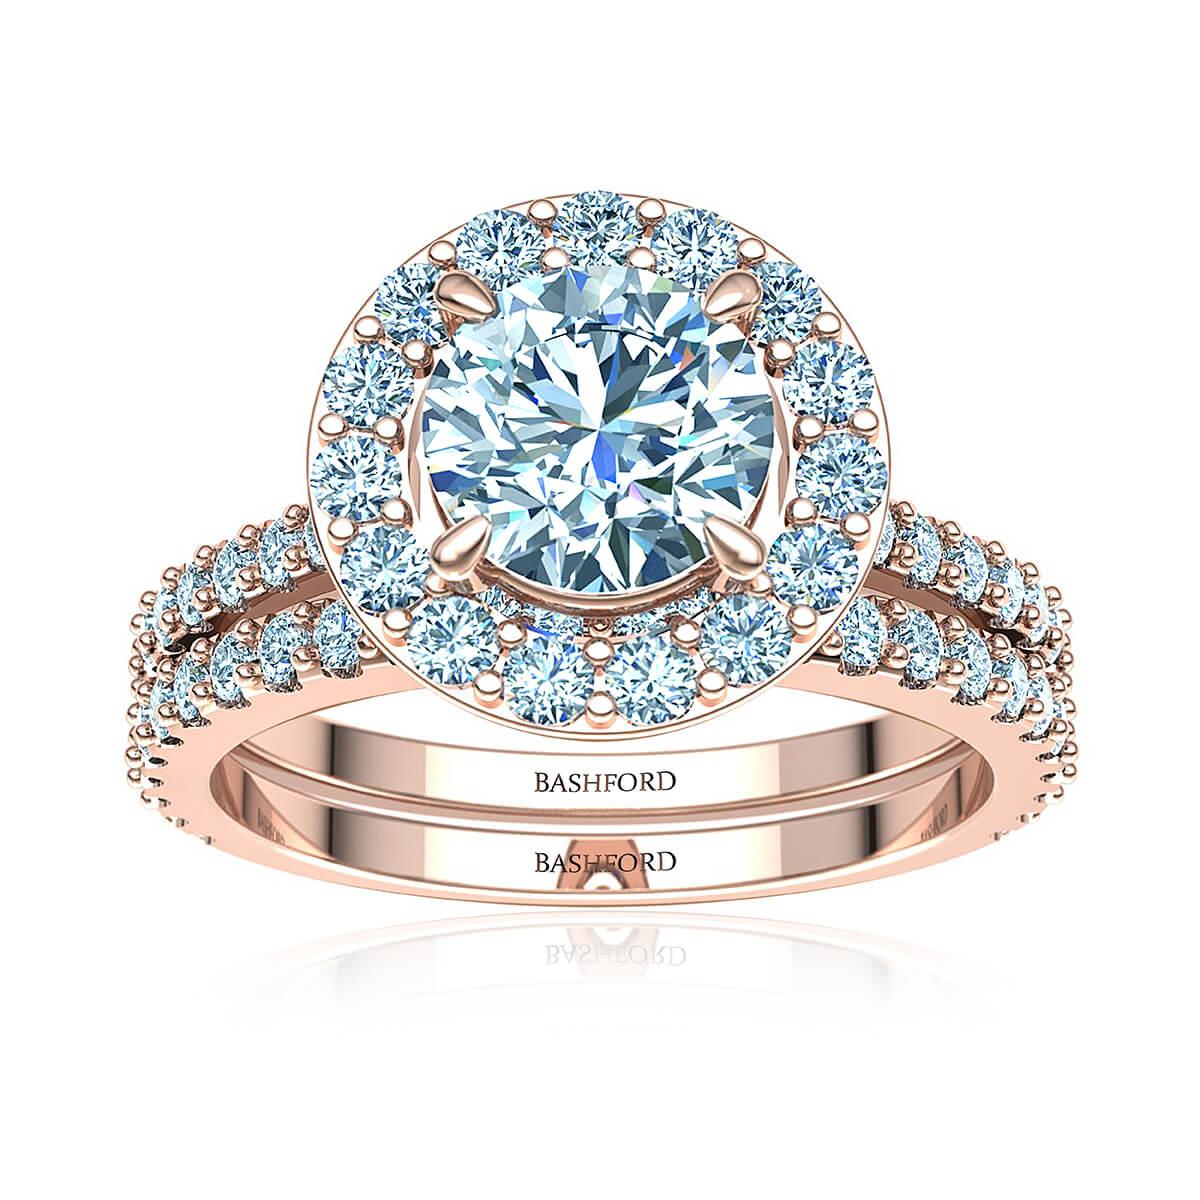 Fleur de Lis Matched Set (with VVS1, D, 7/8 Carat Round Diamond)